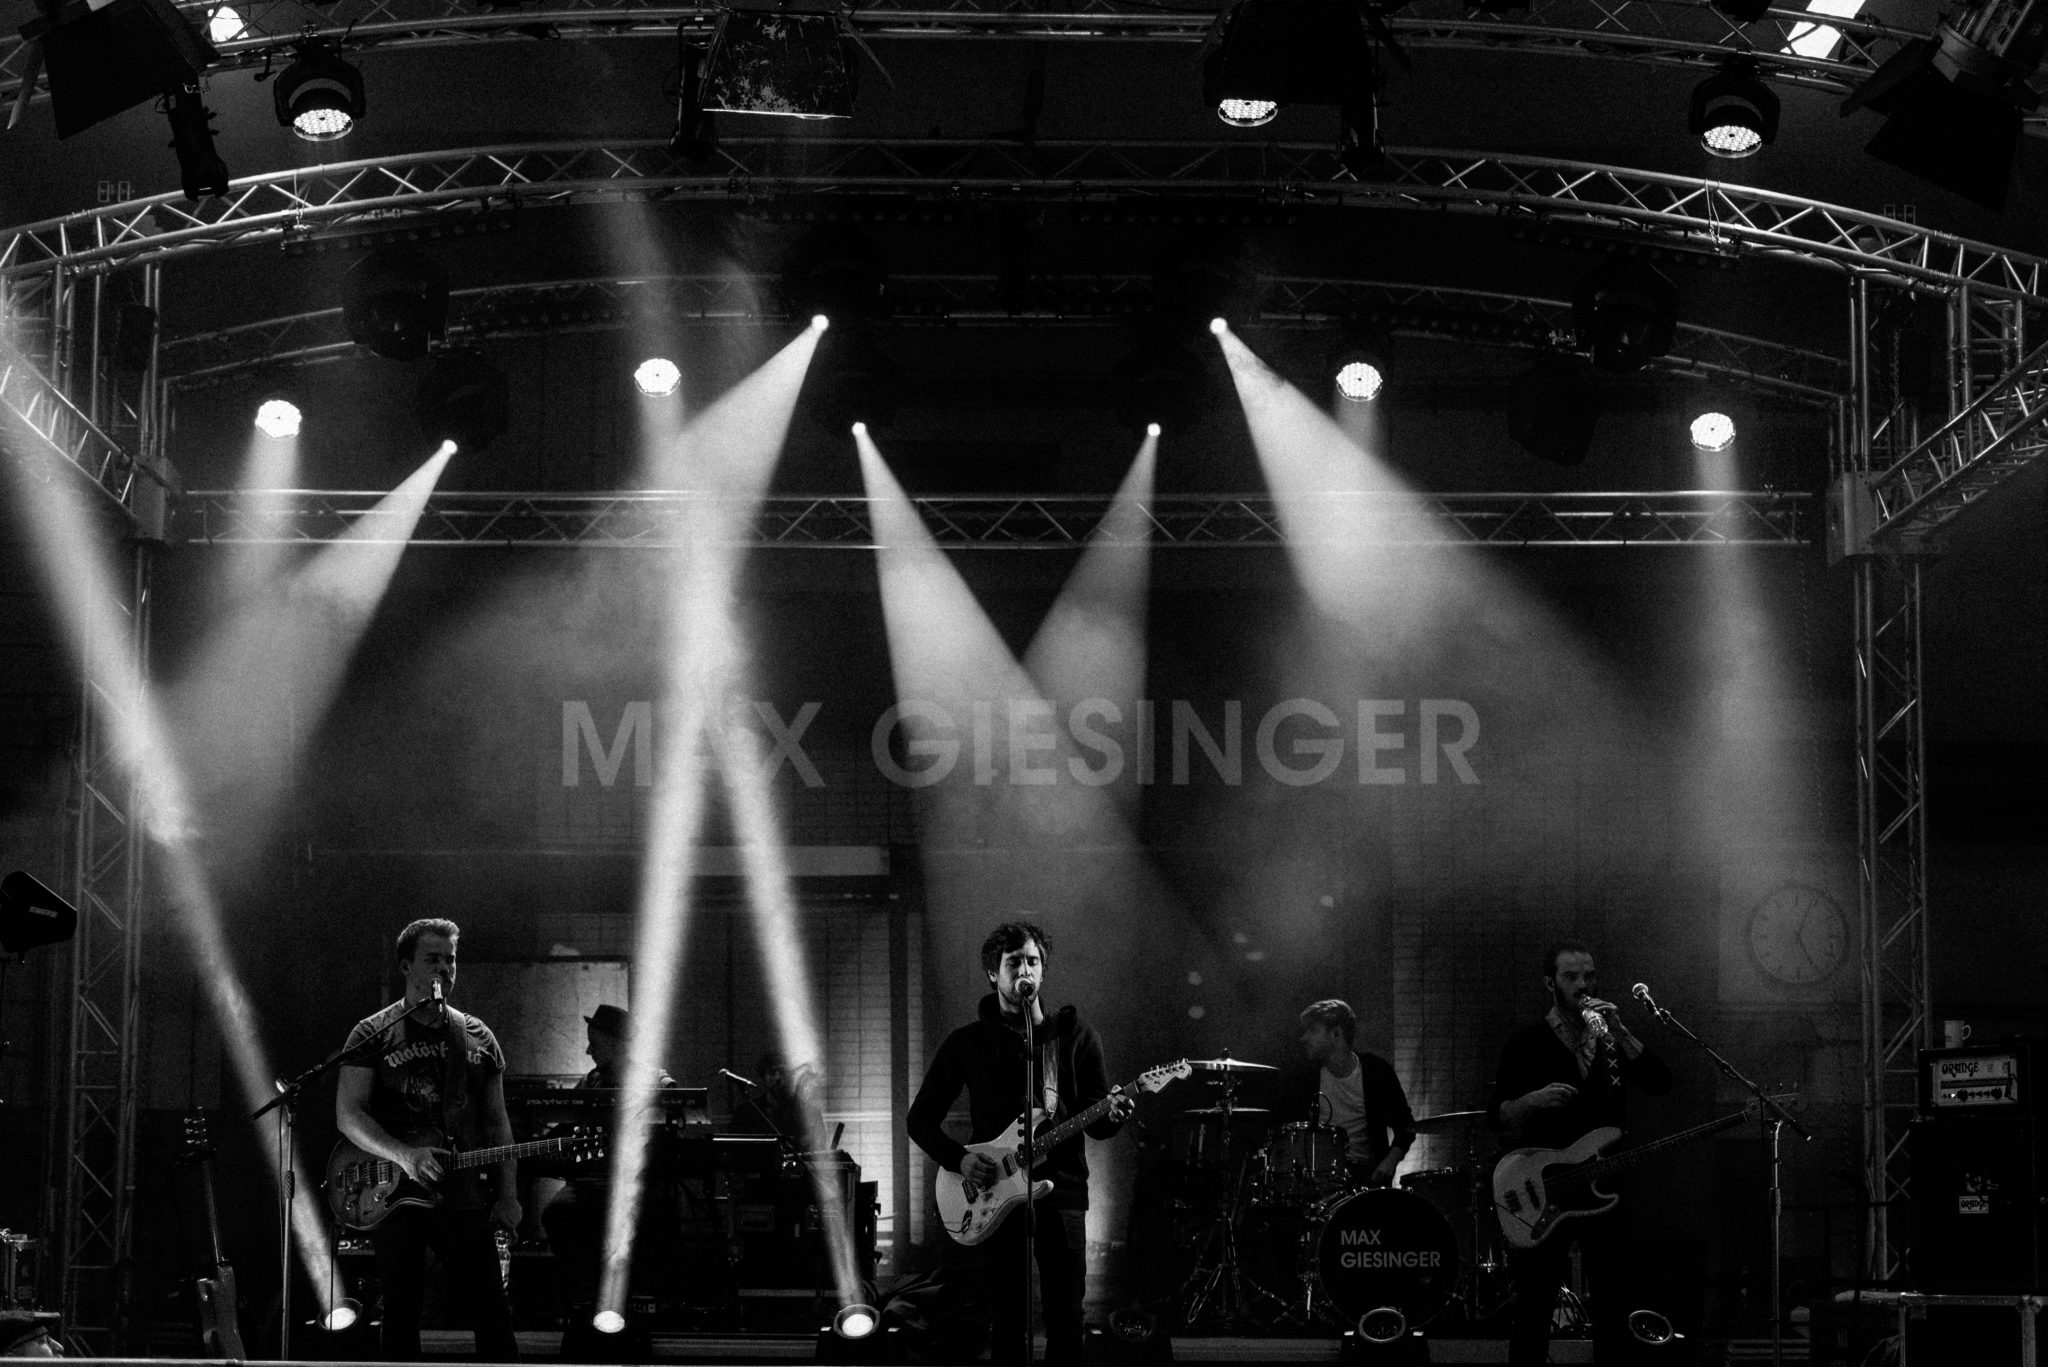 Max Giesinger beim Miners Rock Svenja und Ben DieDrehen